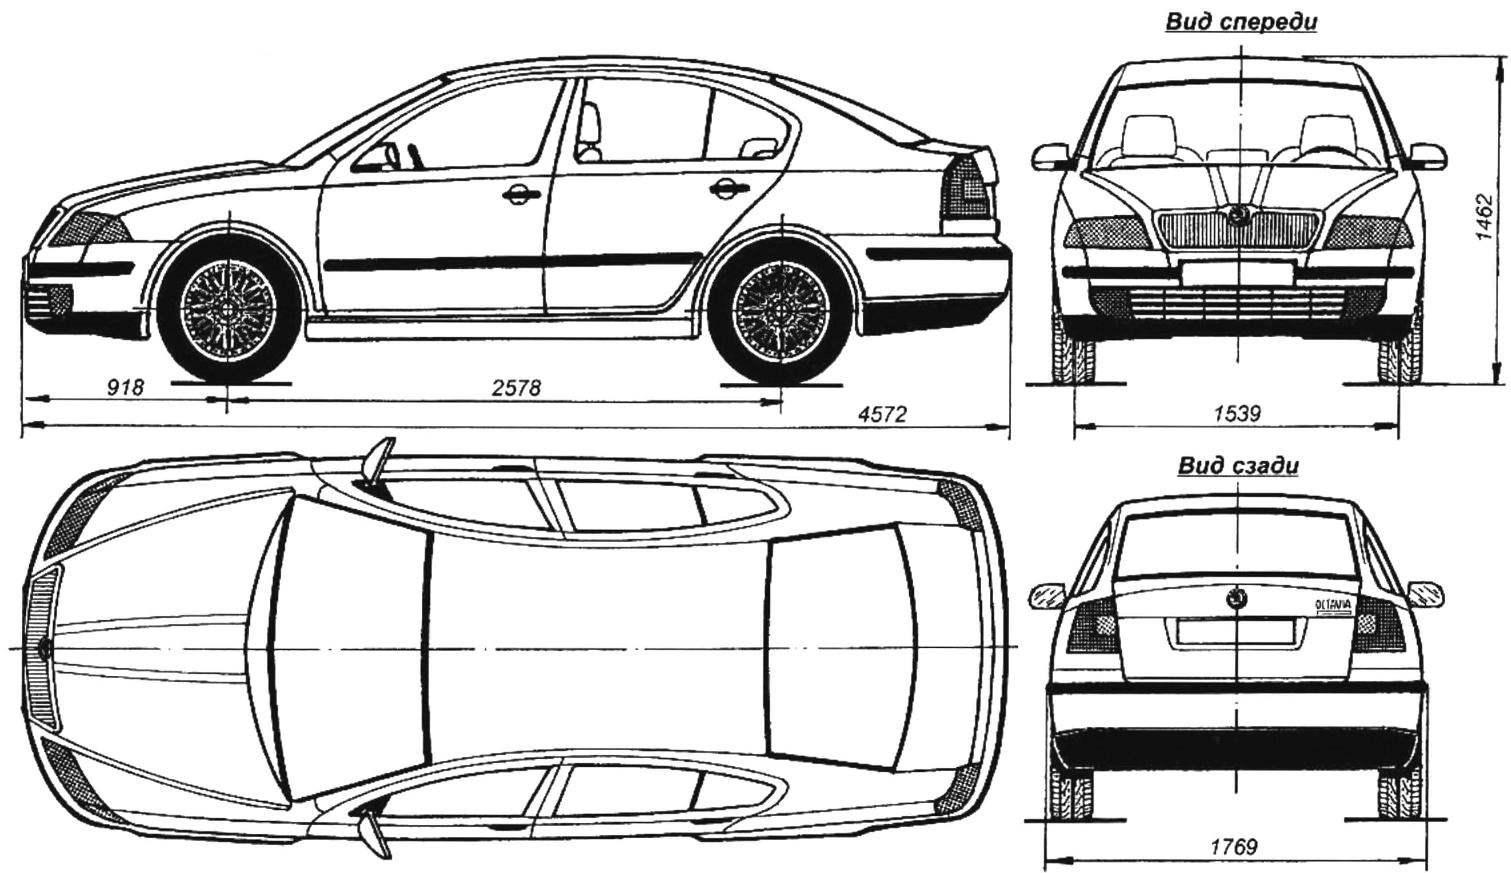 Геометрическая схема переднеприводного автомобиля SKODA OCTAVIA выпуска 2004 года